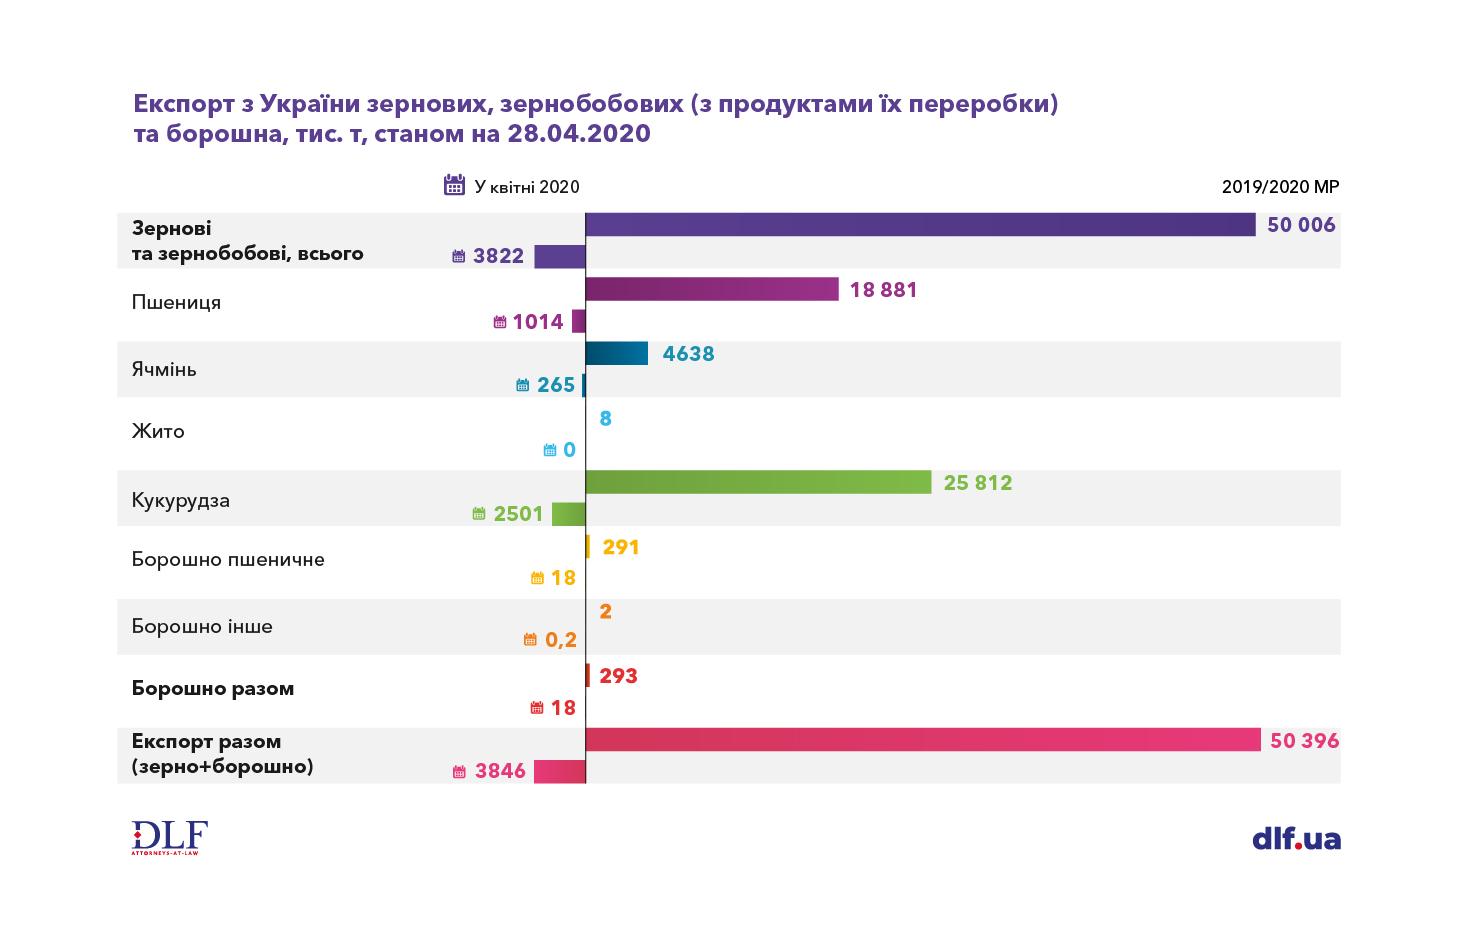 Агропромисловість в Україні - DLF attorneys-at-law - експорт зернових, зернобобових і муки у 2019-2020 маркетинговому році